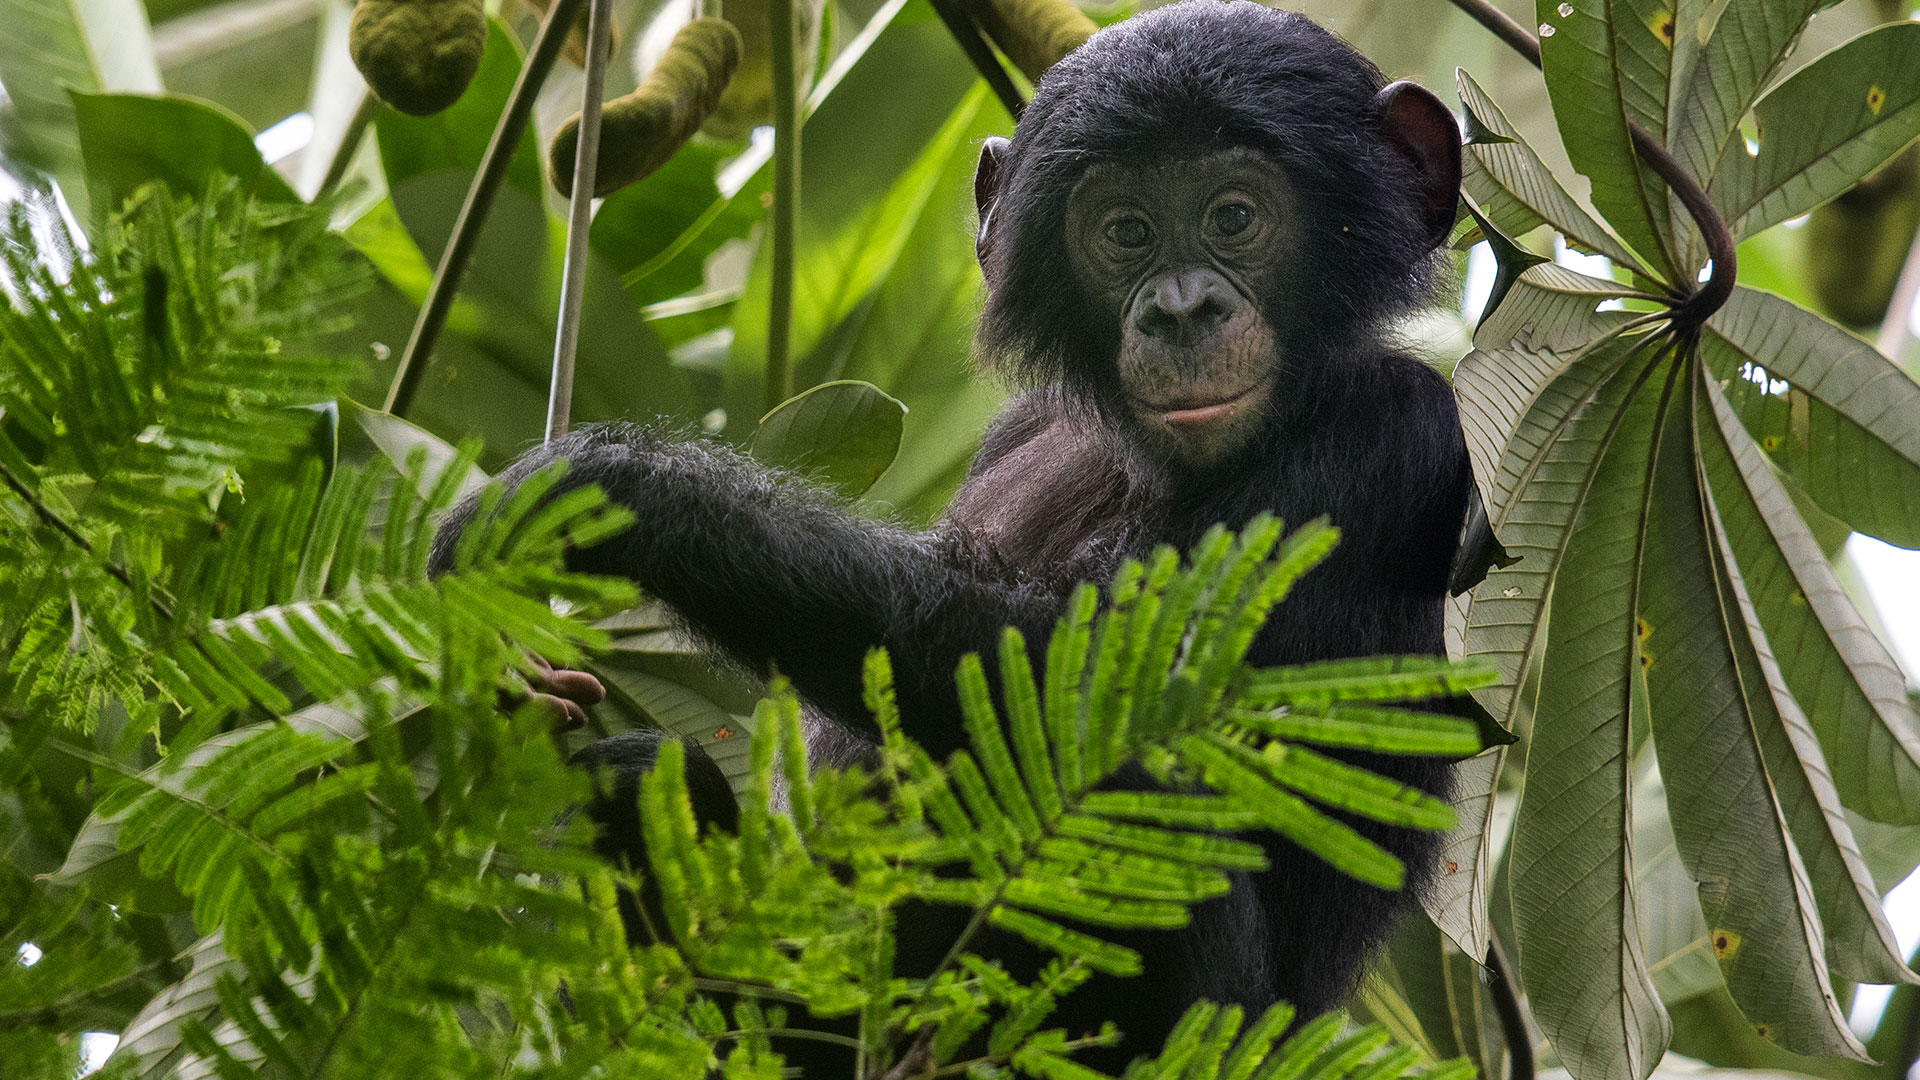 Liebe und Matriarchat am Kongo: Bonobo in seinem Baum